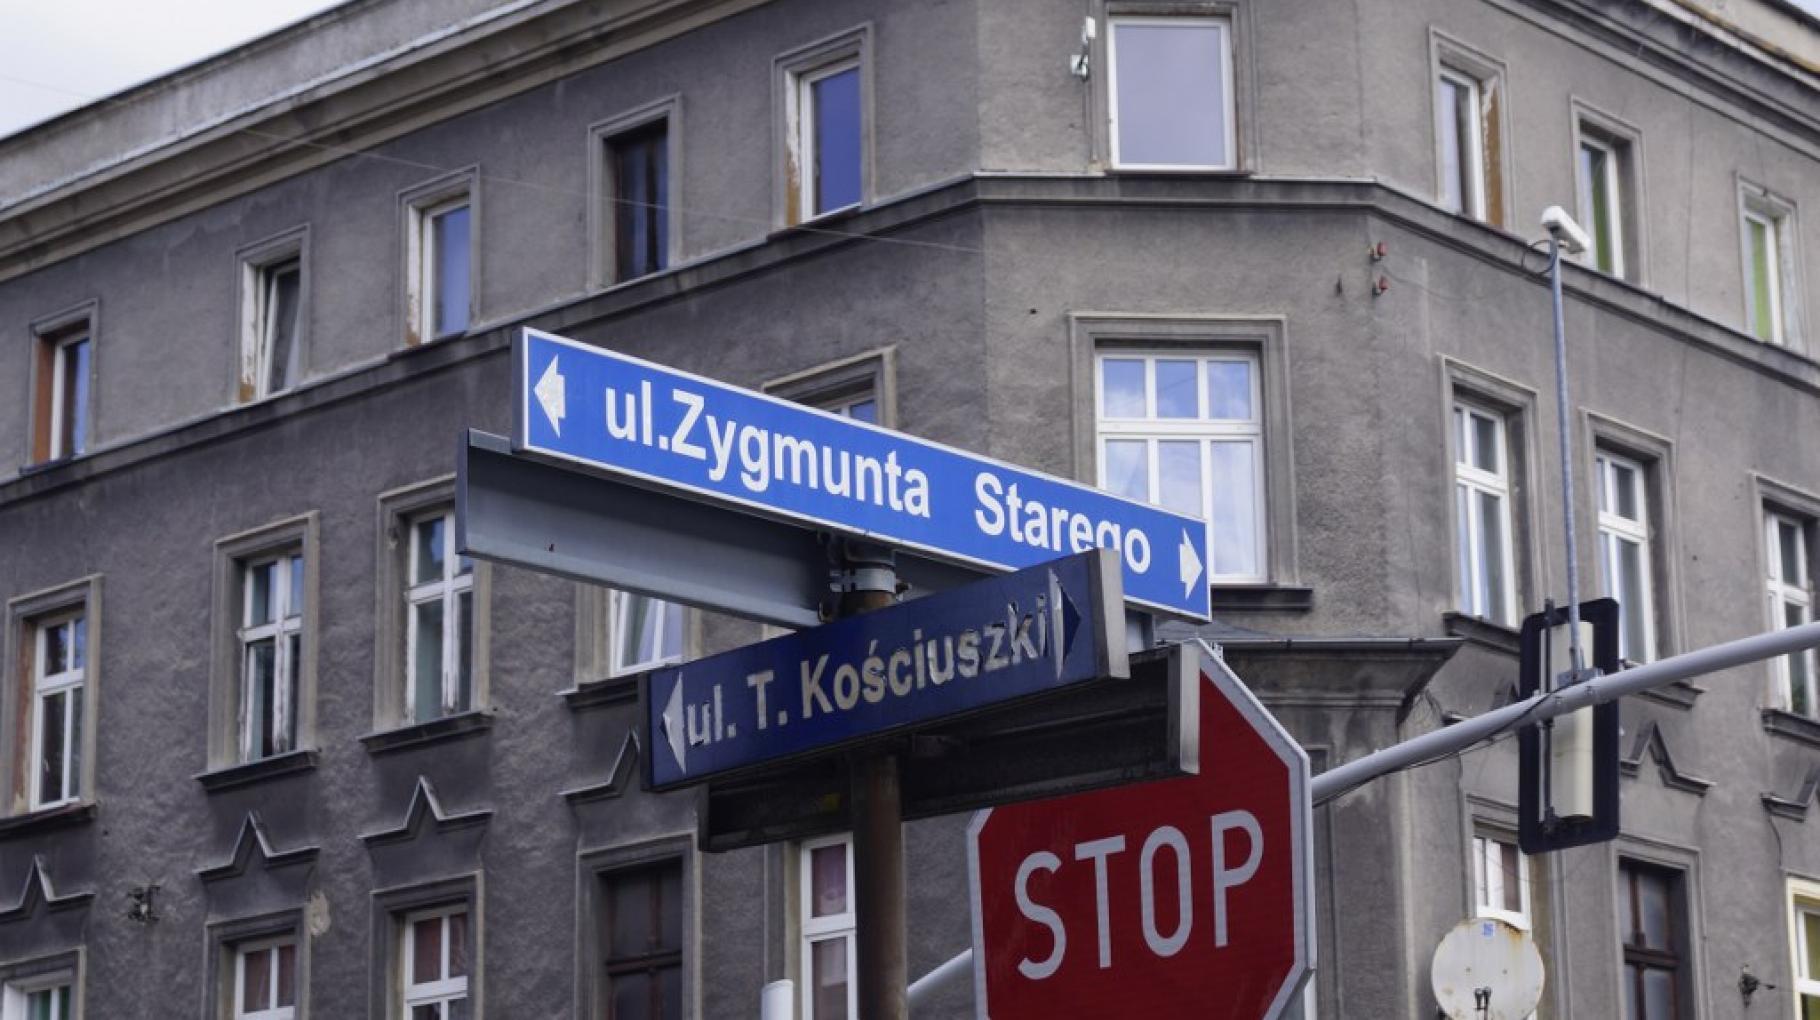 tabliczki z nazwami ulic Kościuszki i Zygmunta Starego